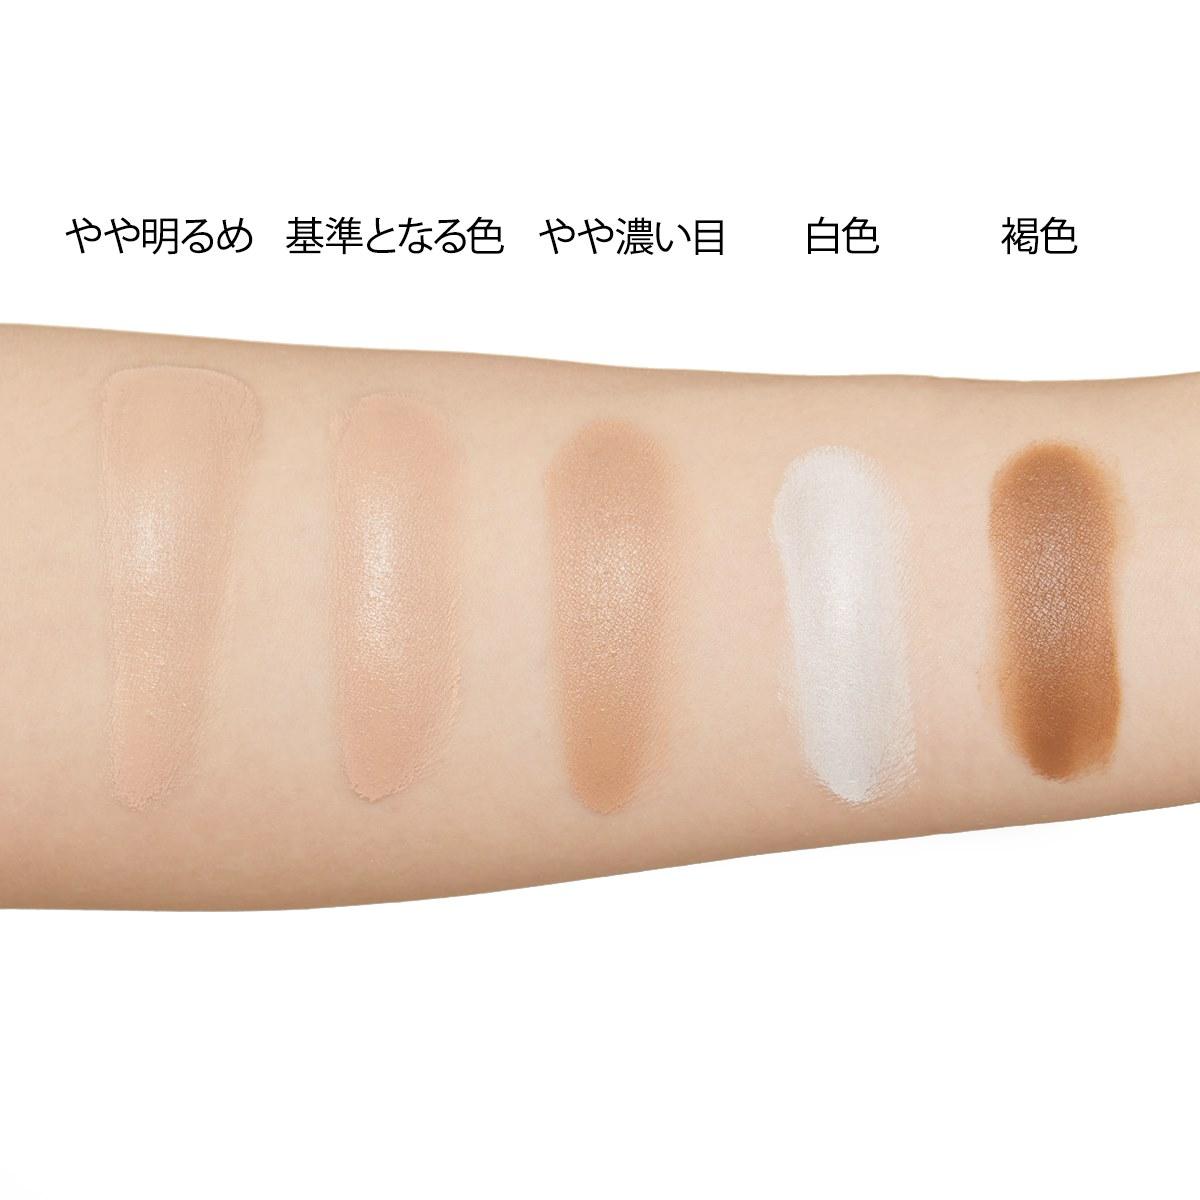 厚塗り感が出ないKATE(ケイト)『レアペイントファンデーションN 02 基準となる色』をご紹介に関する画像10